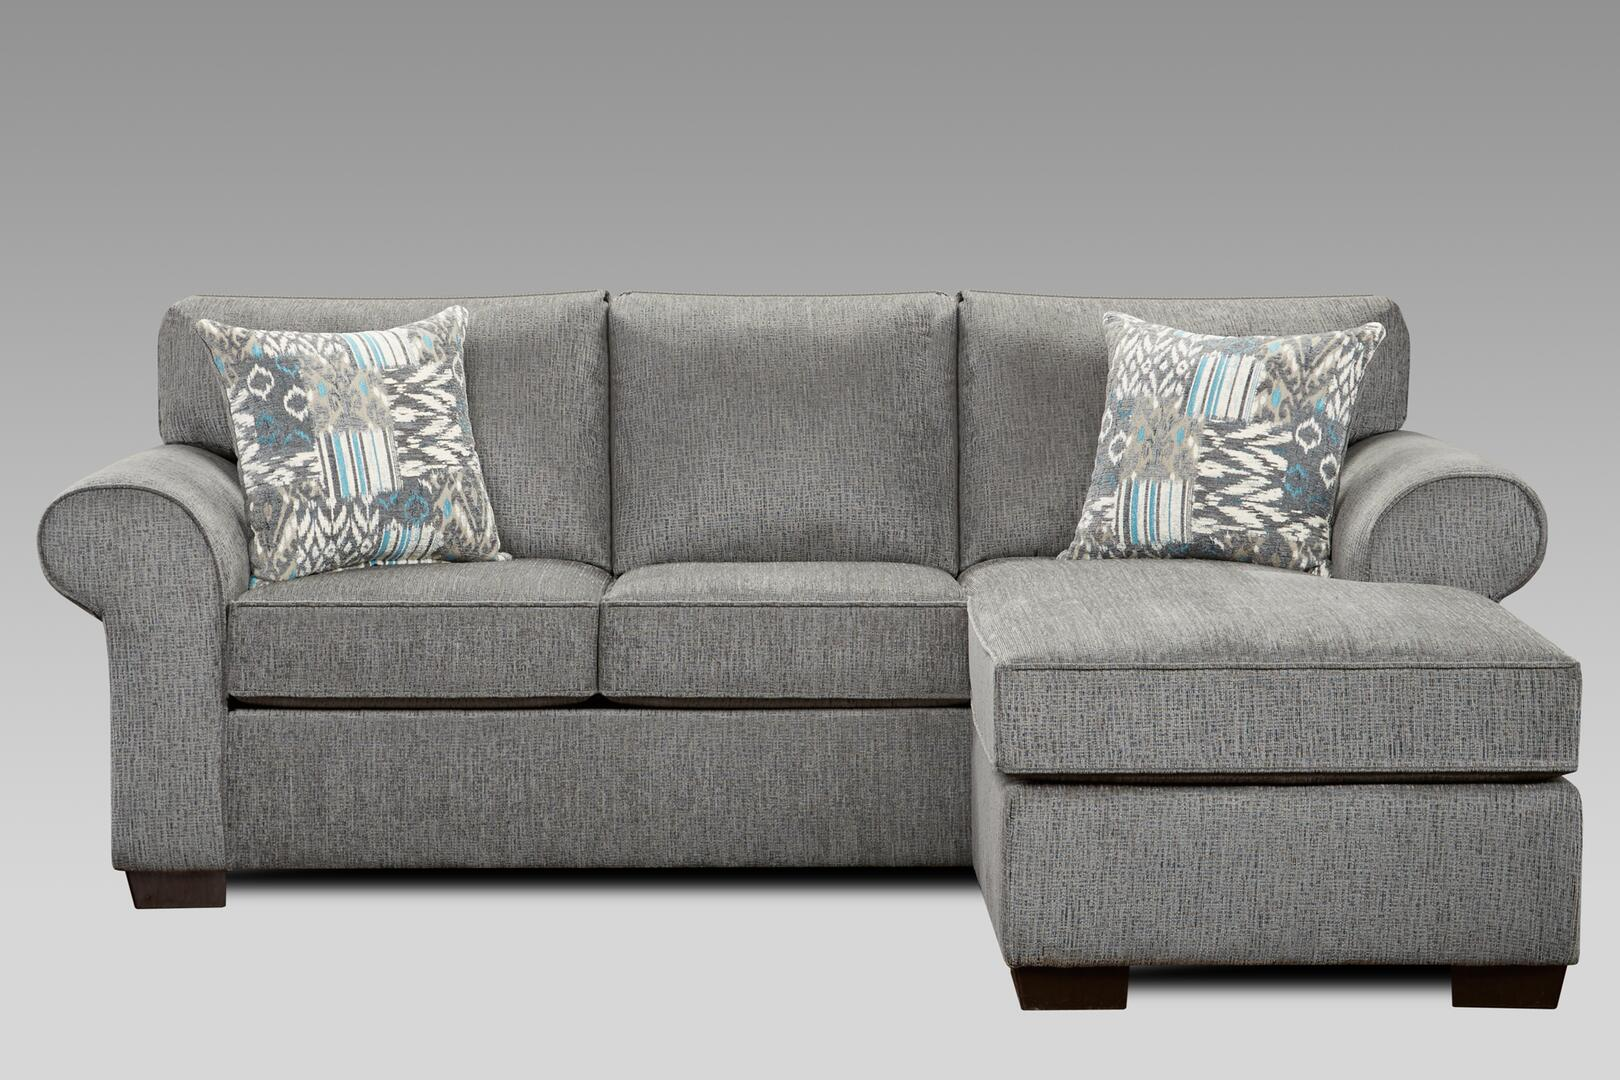 Chelsea Home Furniture 195304slmn